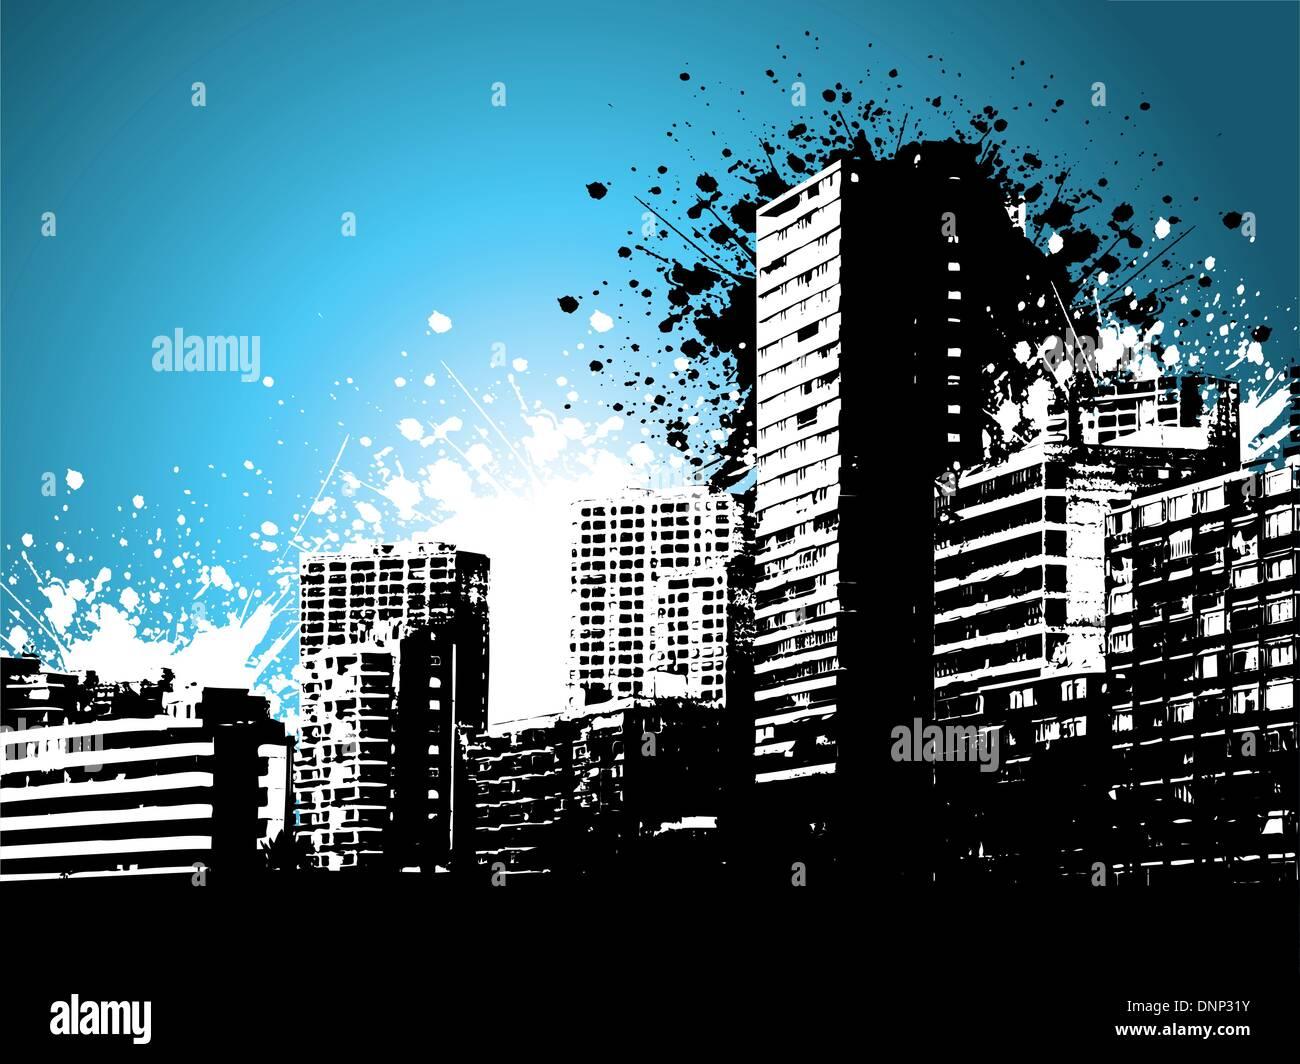 Sur une gratte-ciels de style grunge background Photo Stock